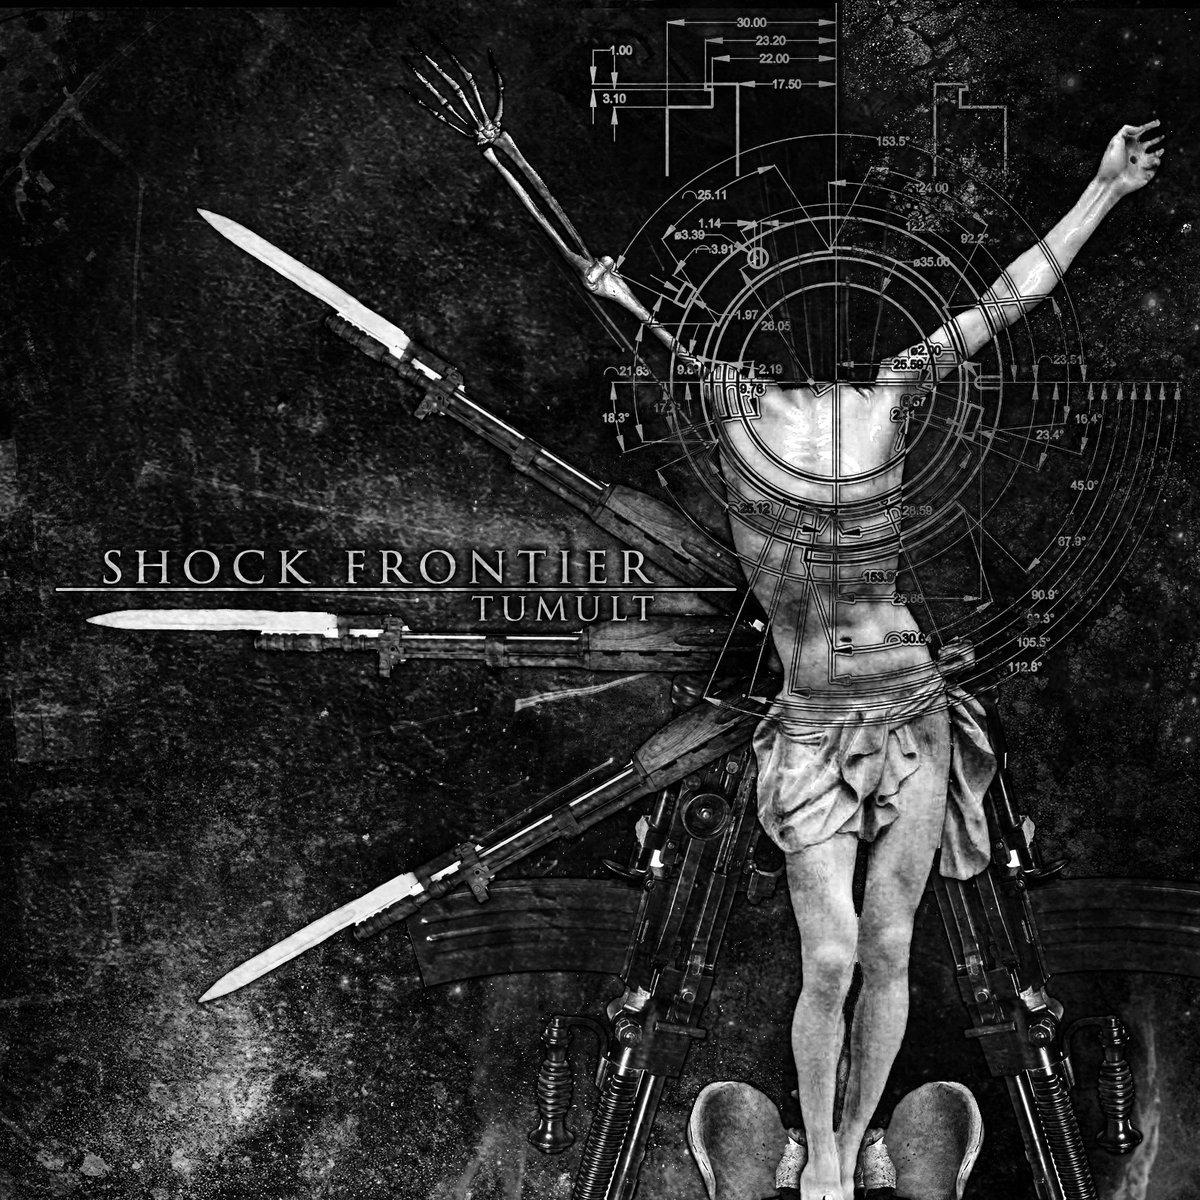 Shock Frontier - Tumult CD - 画像1